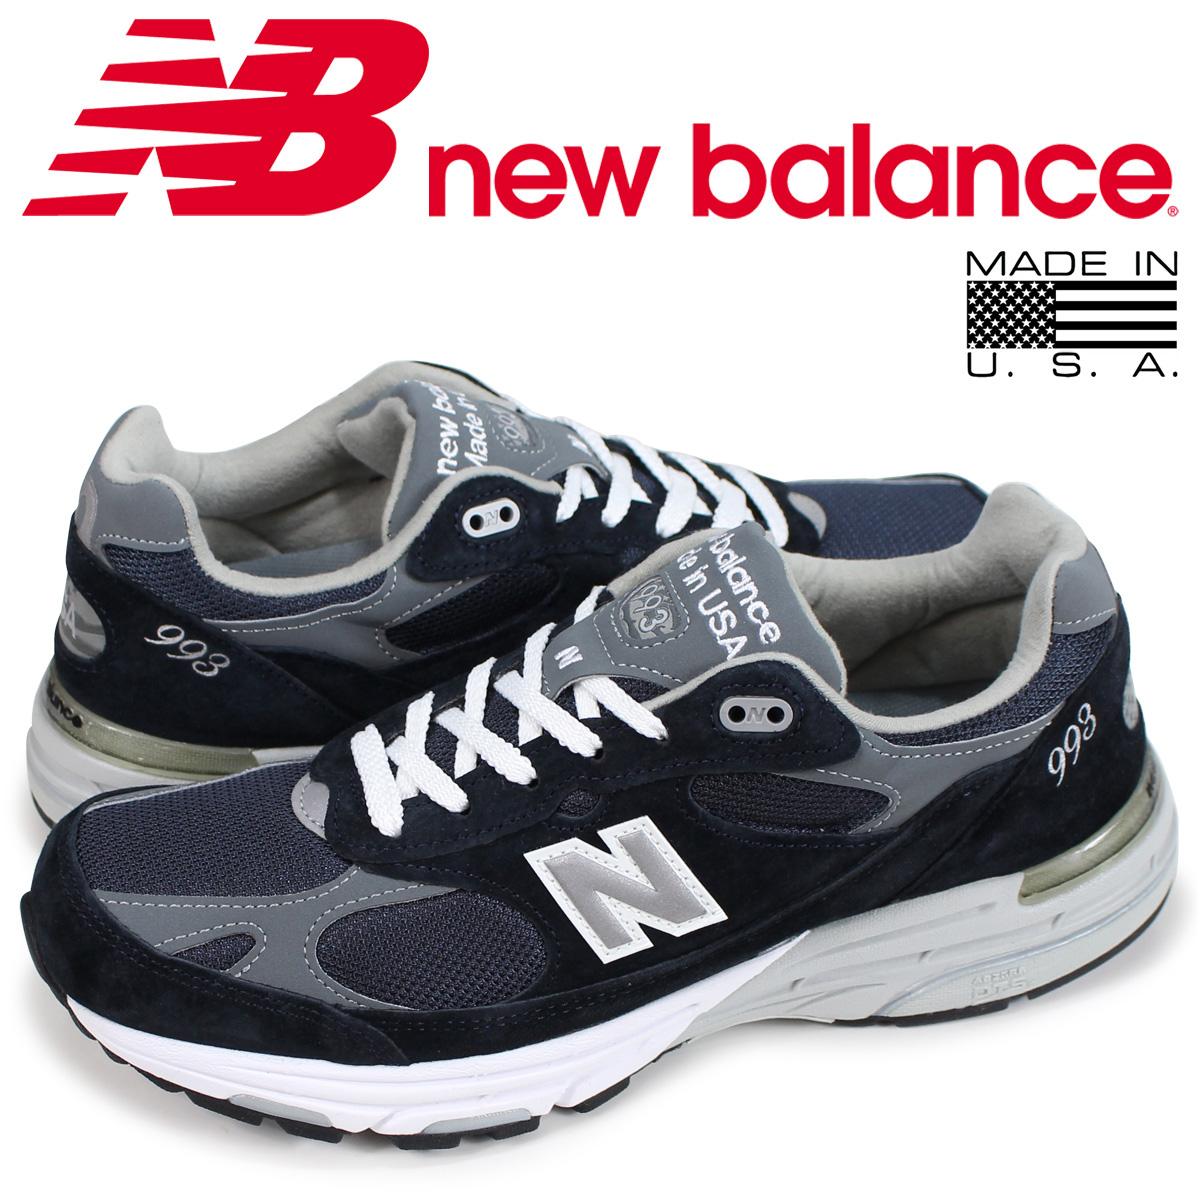 M1700CAA メンズ Dワイズ MADE IN USA ニューバランス スニーカー new balance 1700 靴 レディース ブラック